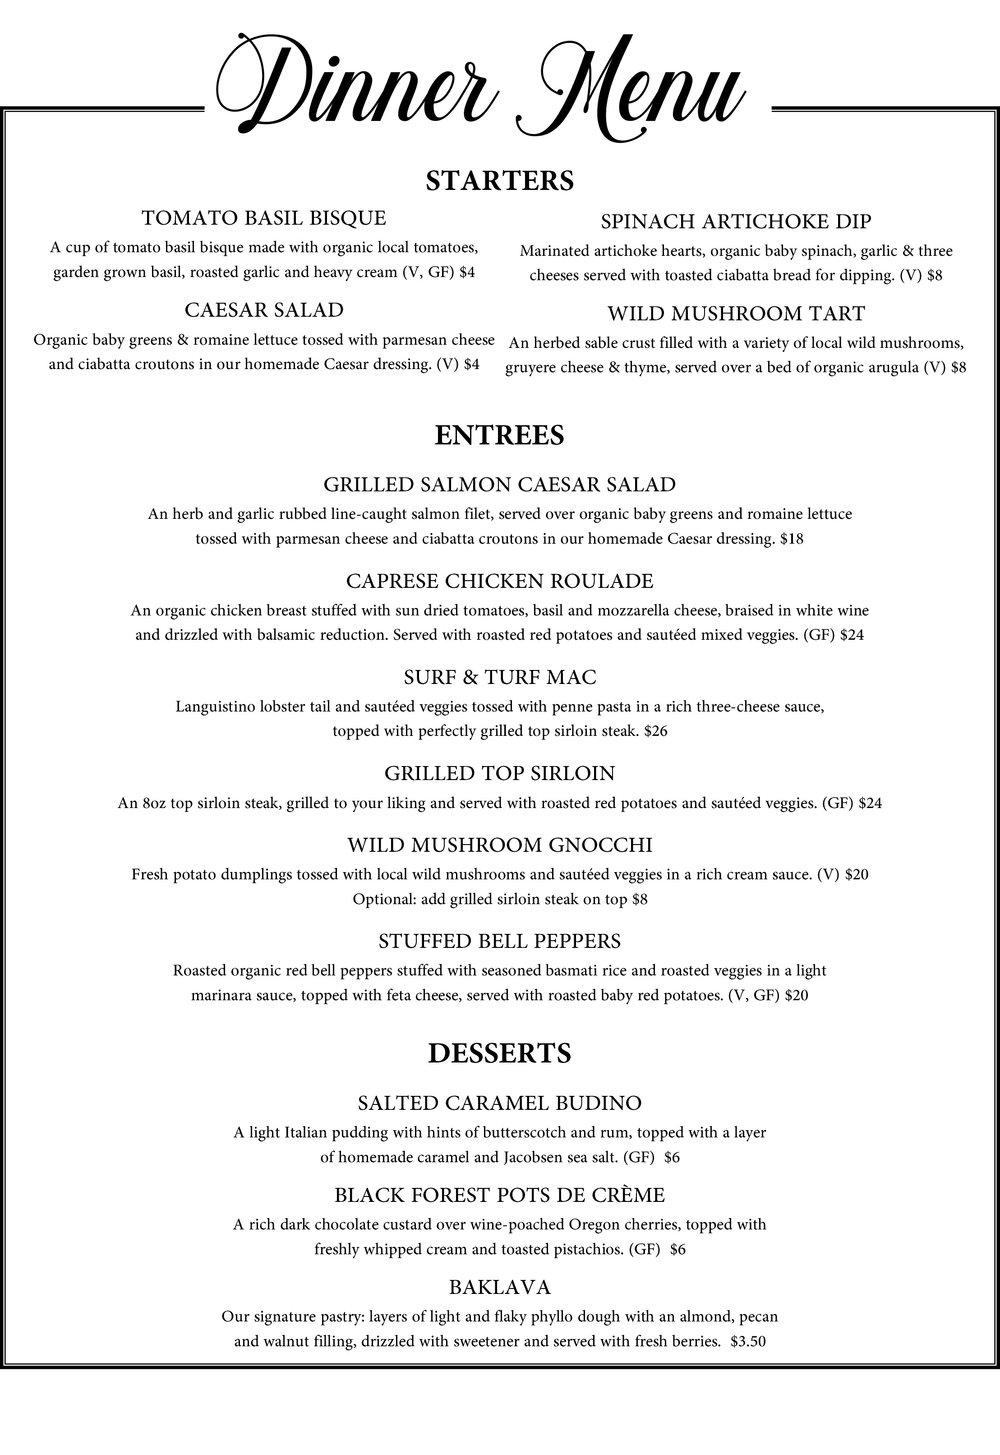 2-16 menu.jpg